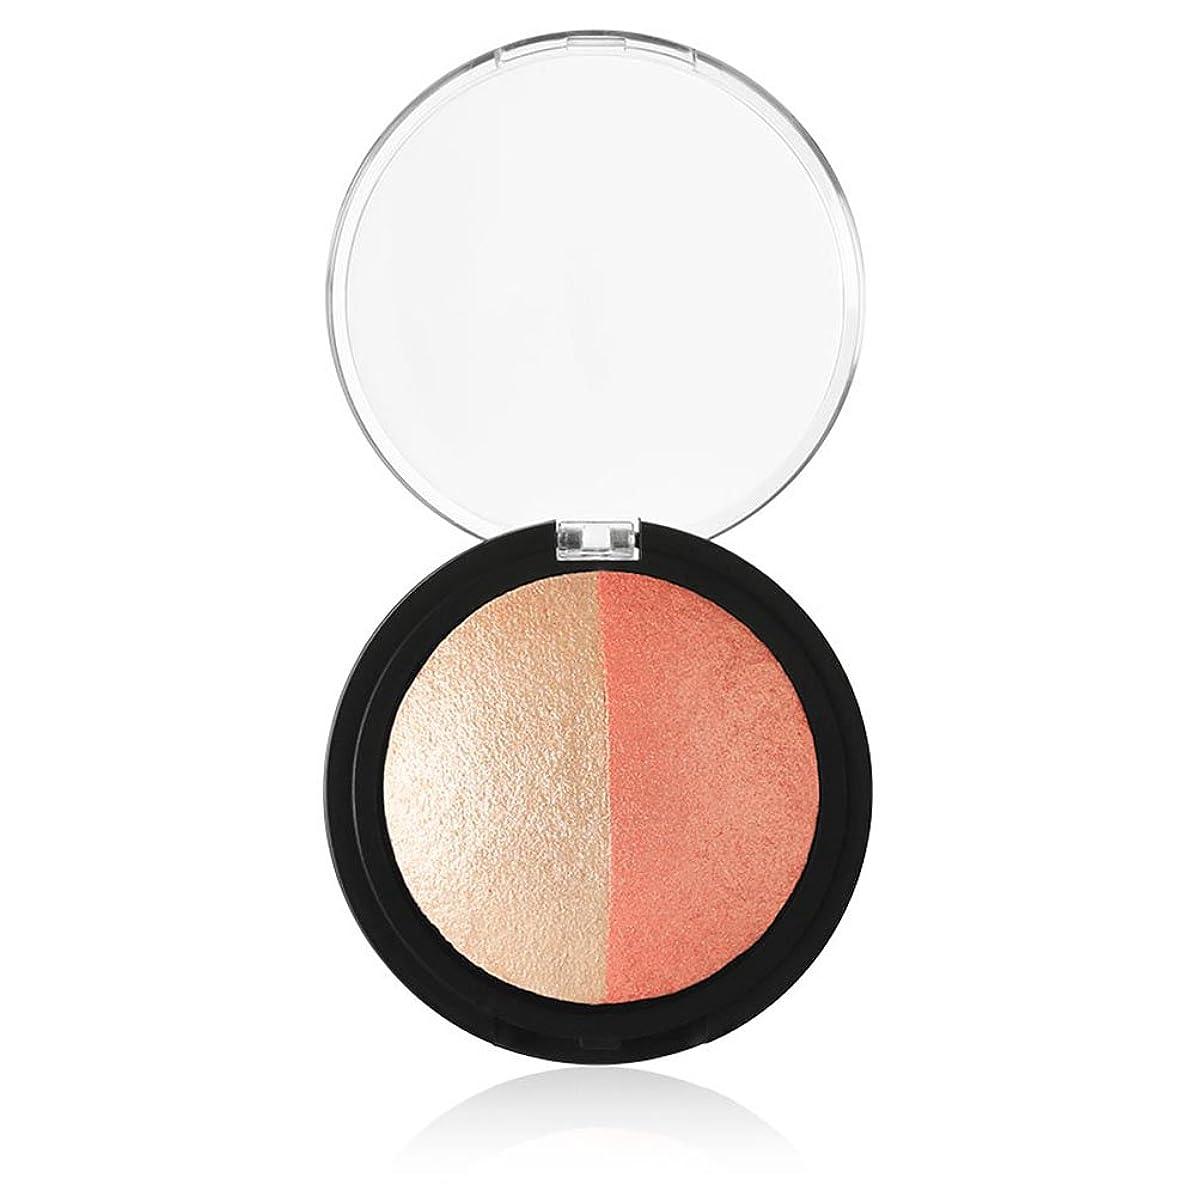 名目上のビール追い払うE.L.F. Cosmetics, Baked Highlighter & Blush, Rose Gold , 0.183 oz (5.2 g)